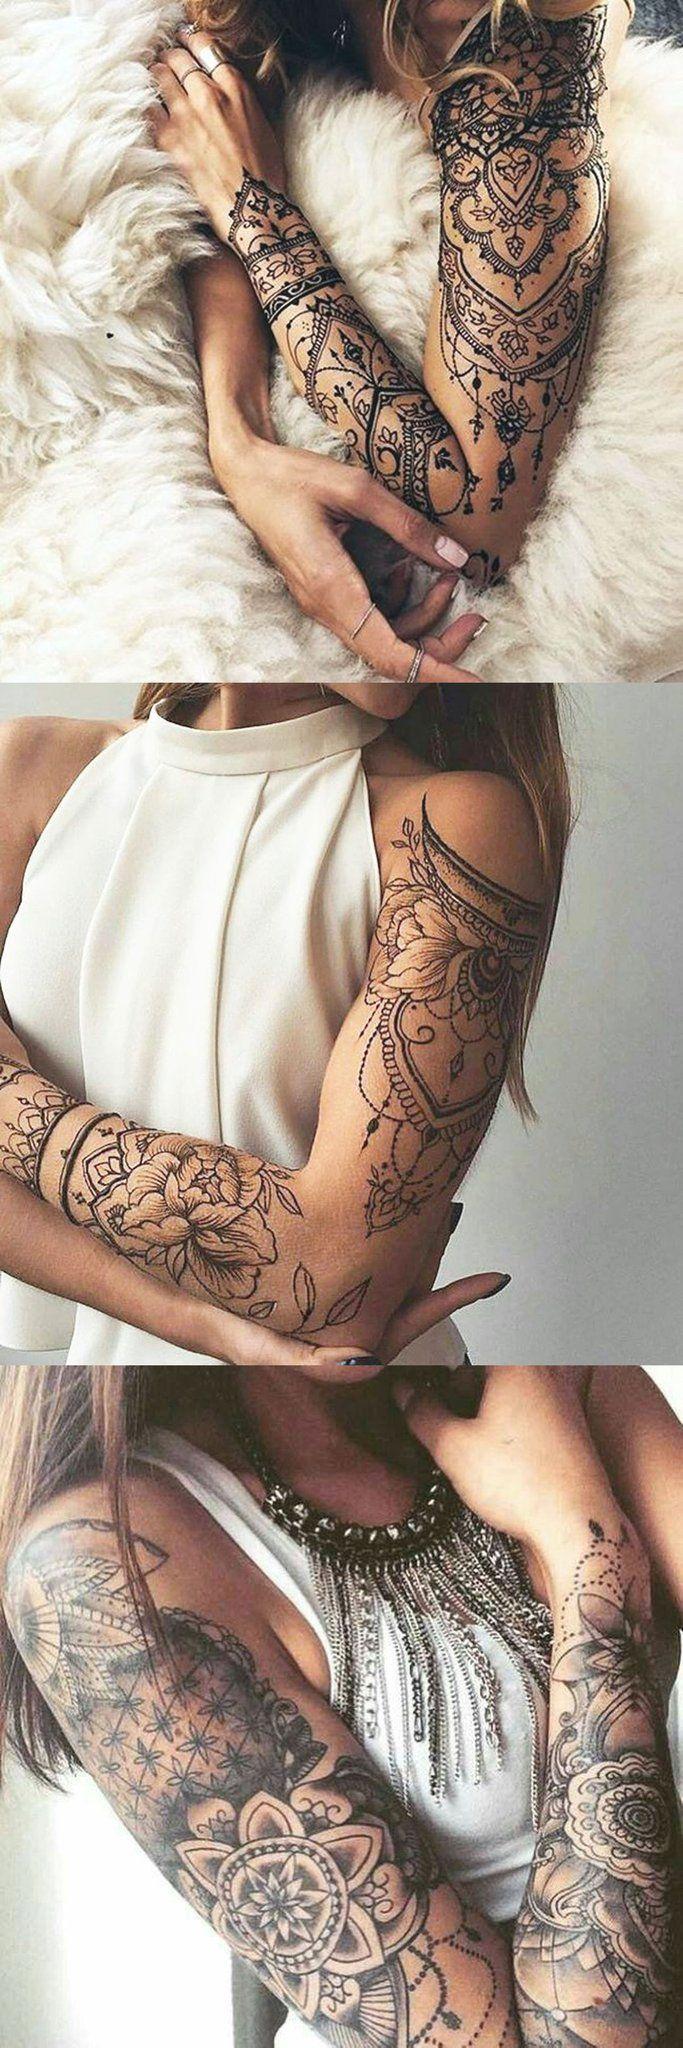 30 of the Most Realistic Lace Tattoo Ideas – Sophia Hi